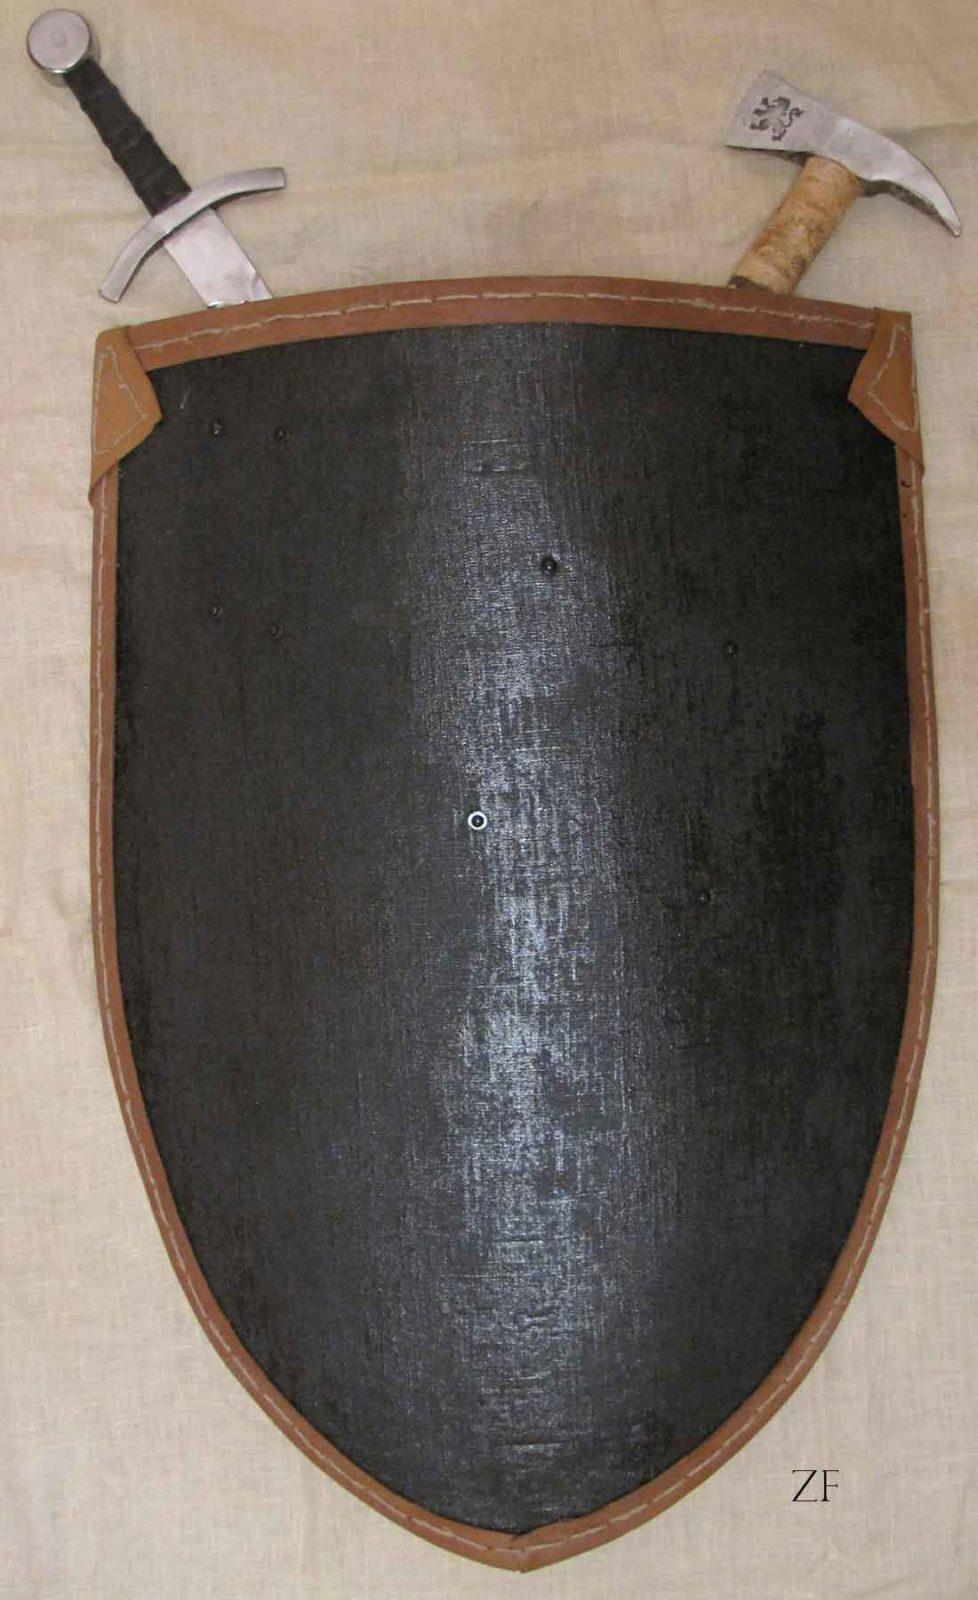 Элементы интерьера в средневековом стиле: щит, меч и топор